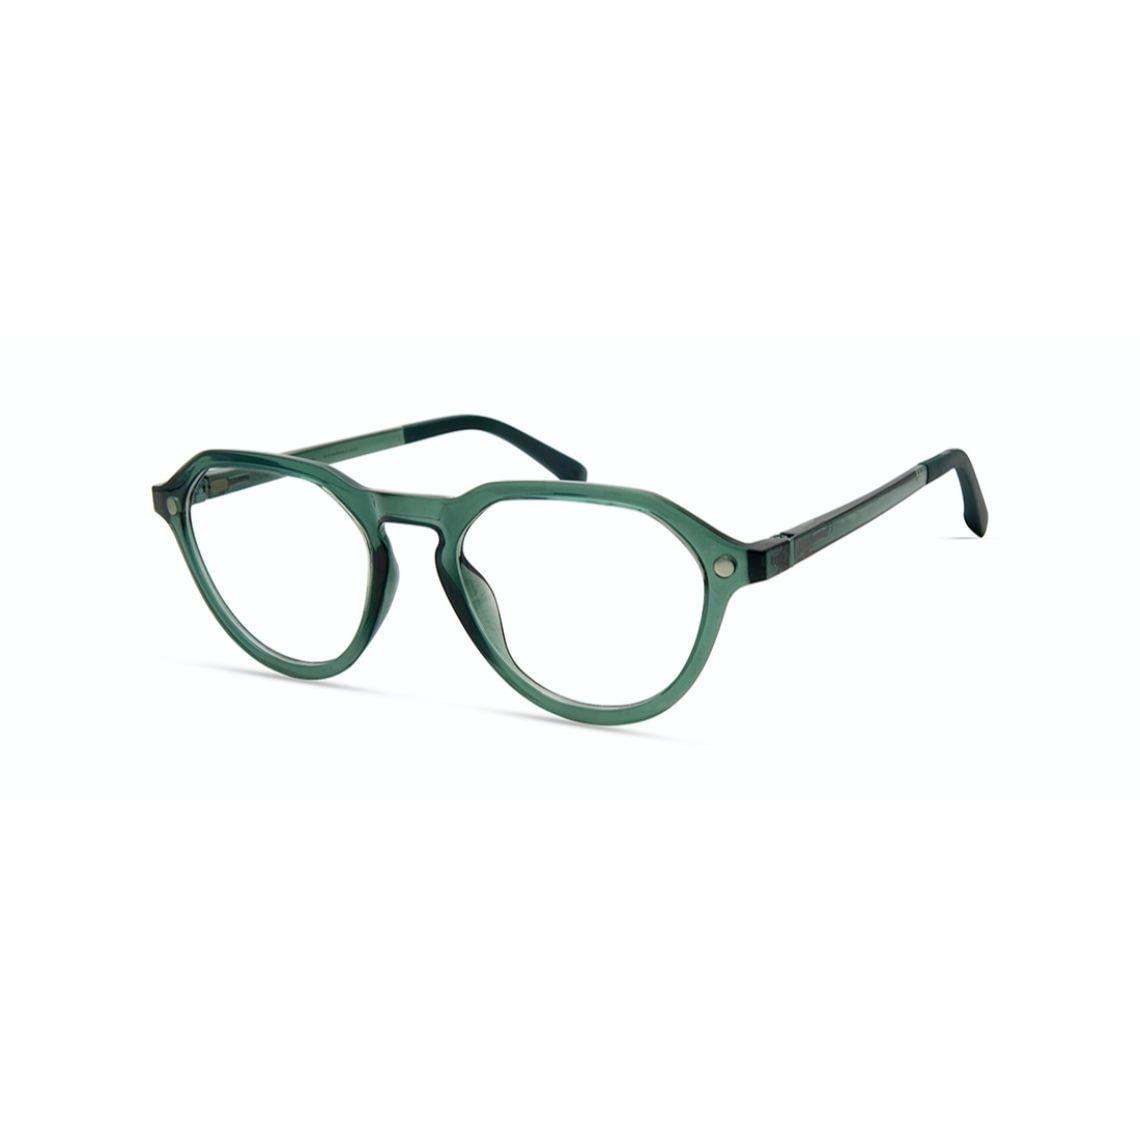 Eco Arve Green 5018